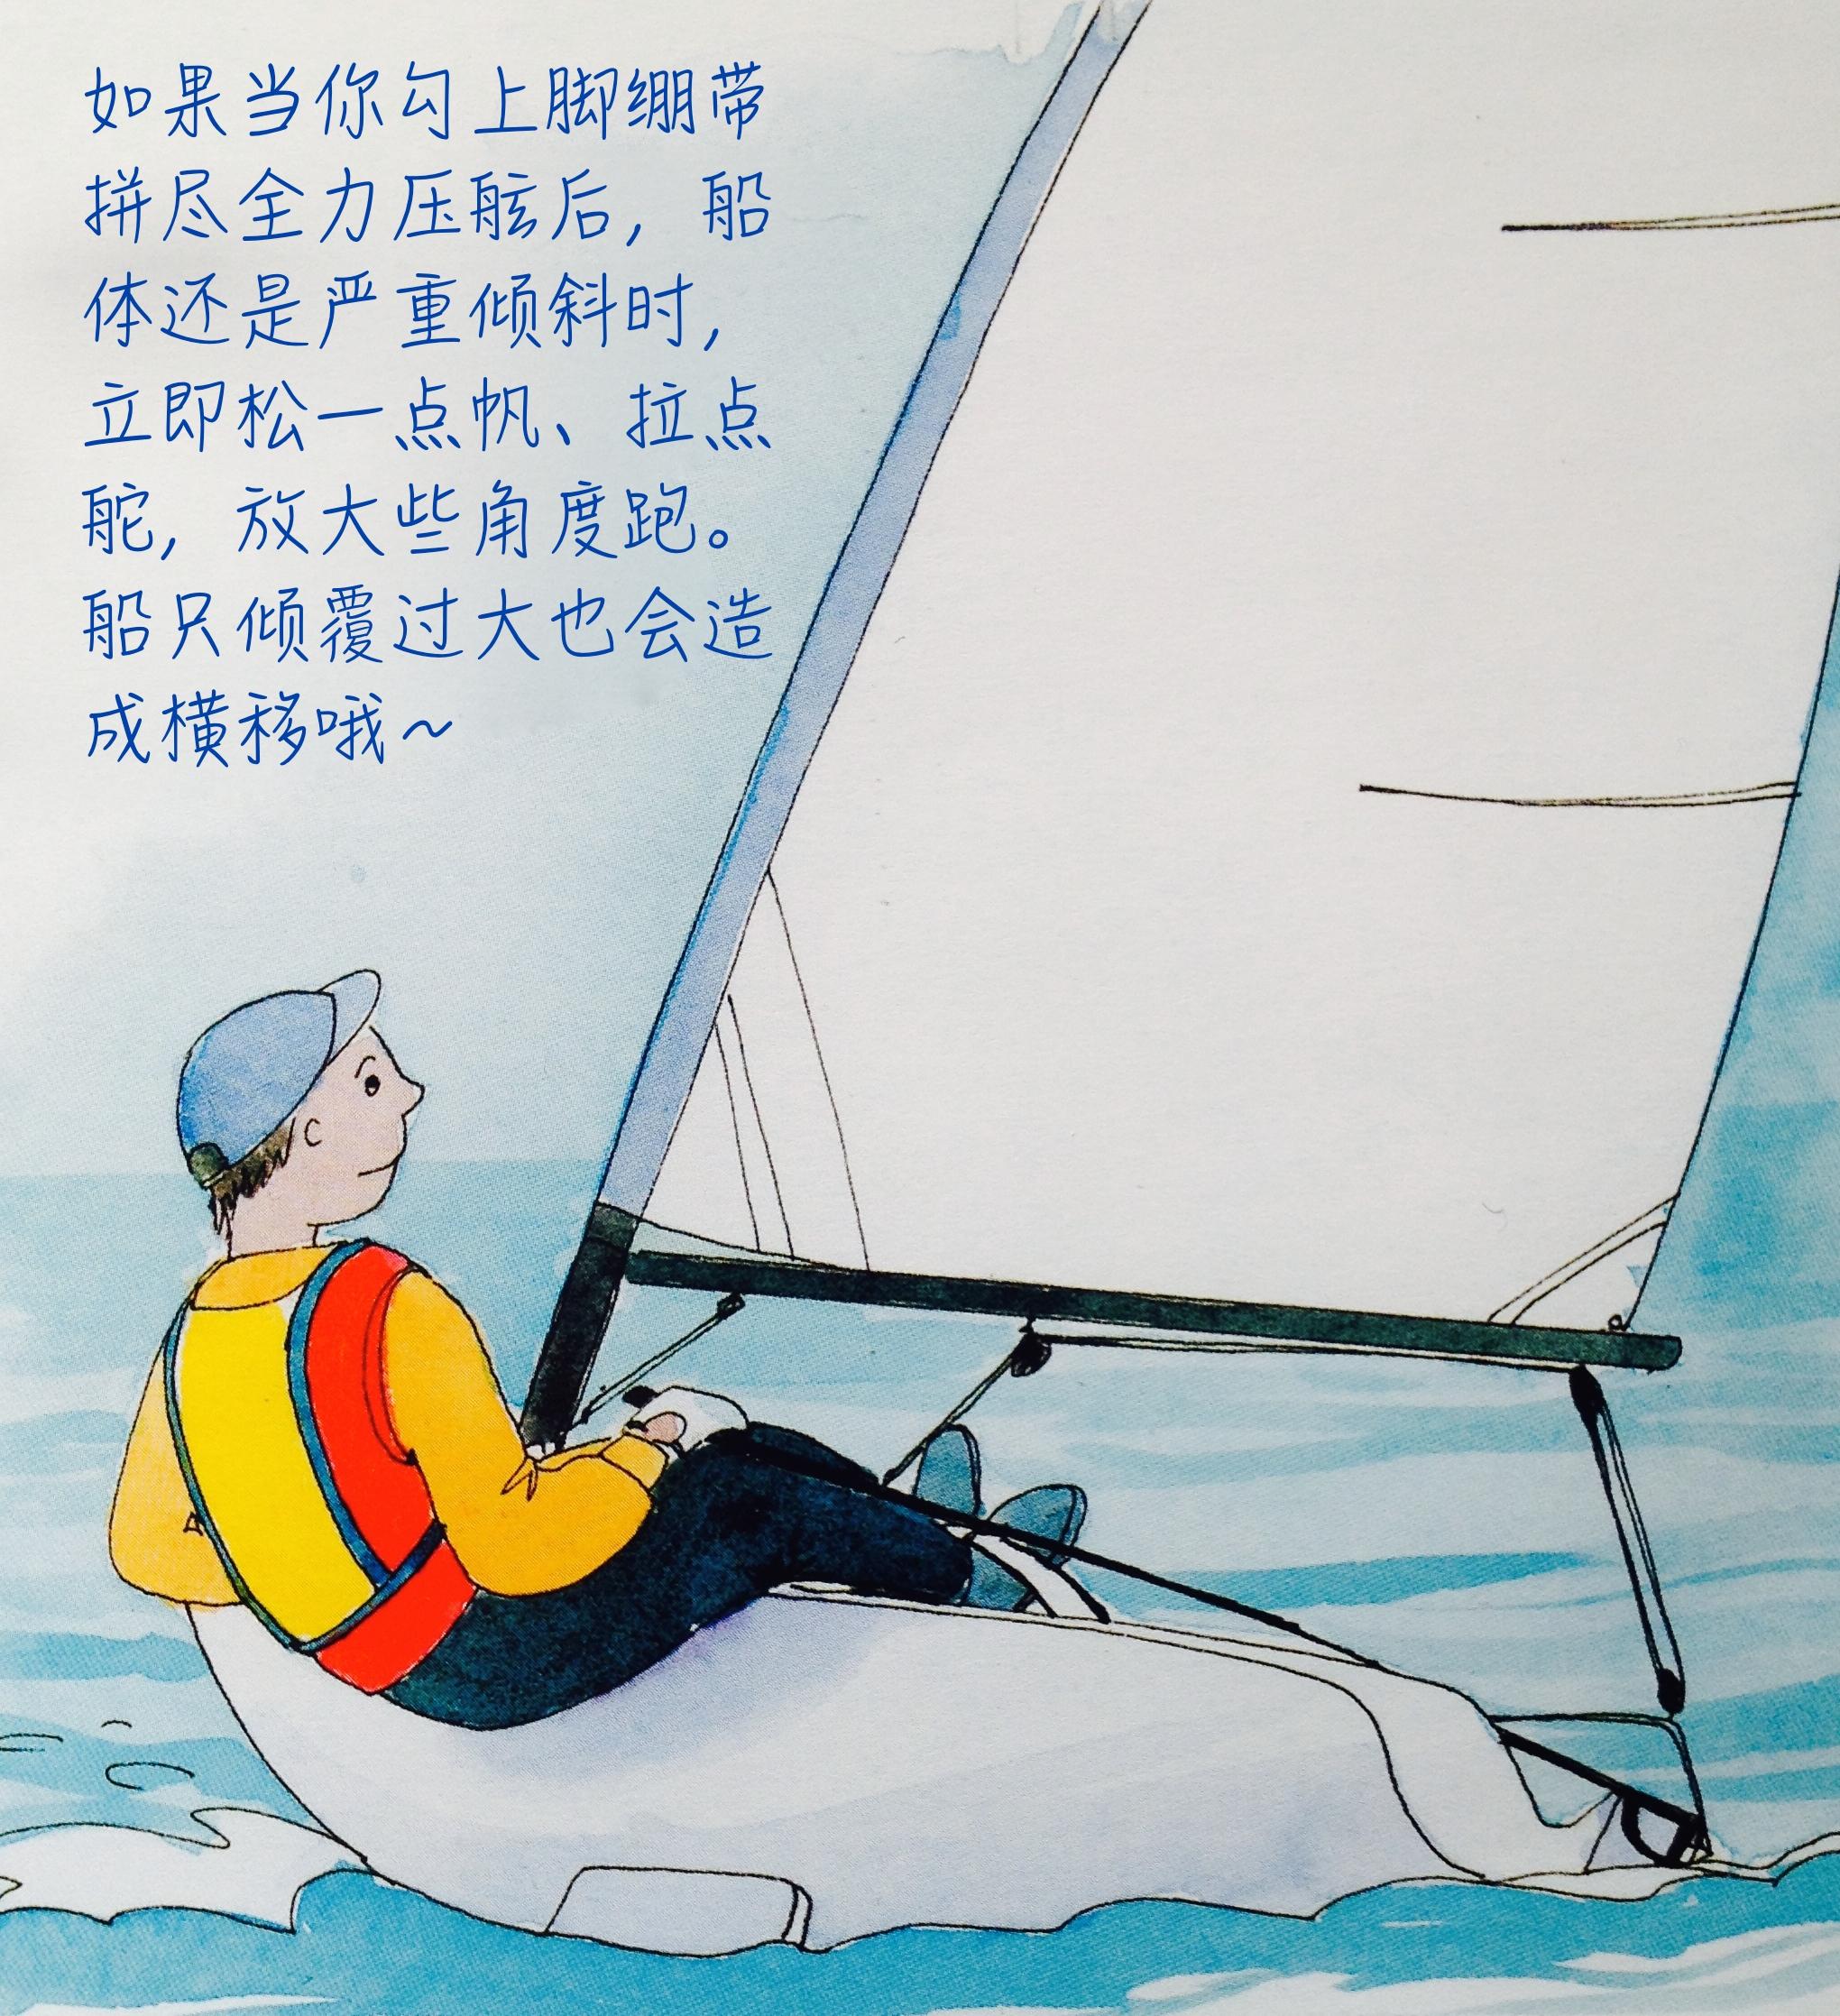 最大的,帆船,左右 操控迎风时应把帆收到船中央、稳向板插到底、看好风向线细微地推拉舵柄调试出最佳速度 10e.jpg